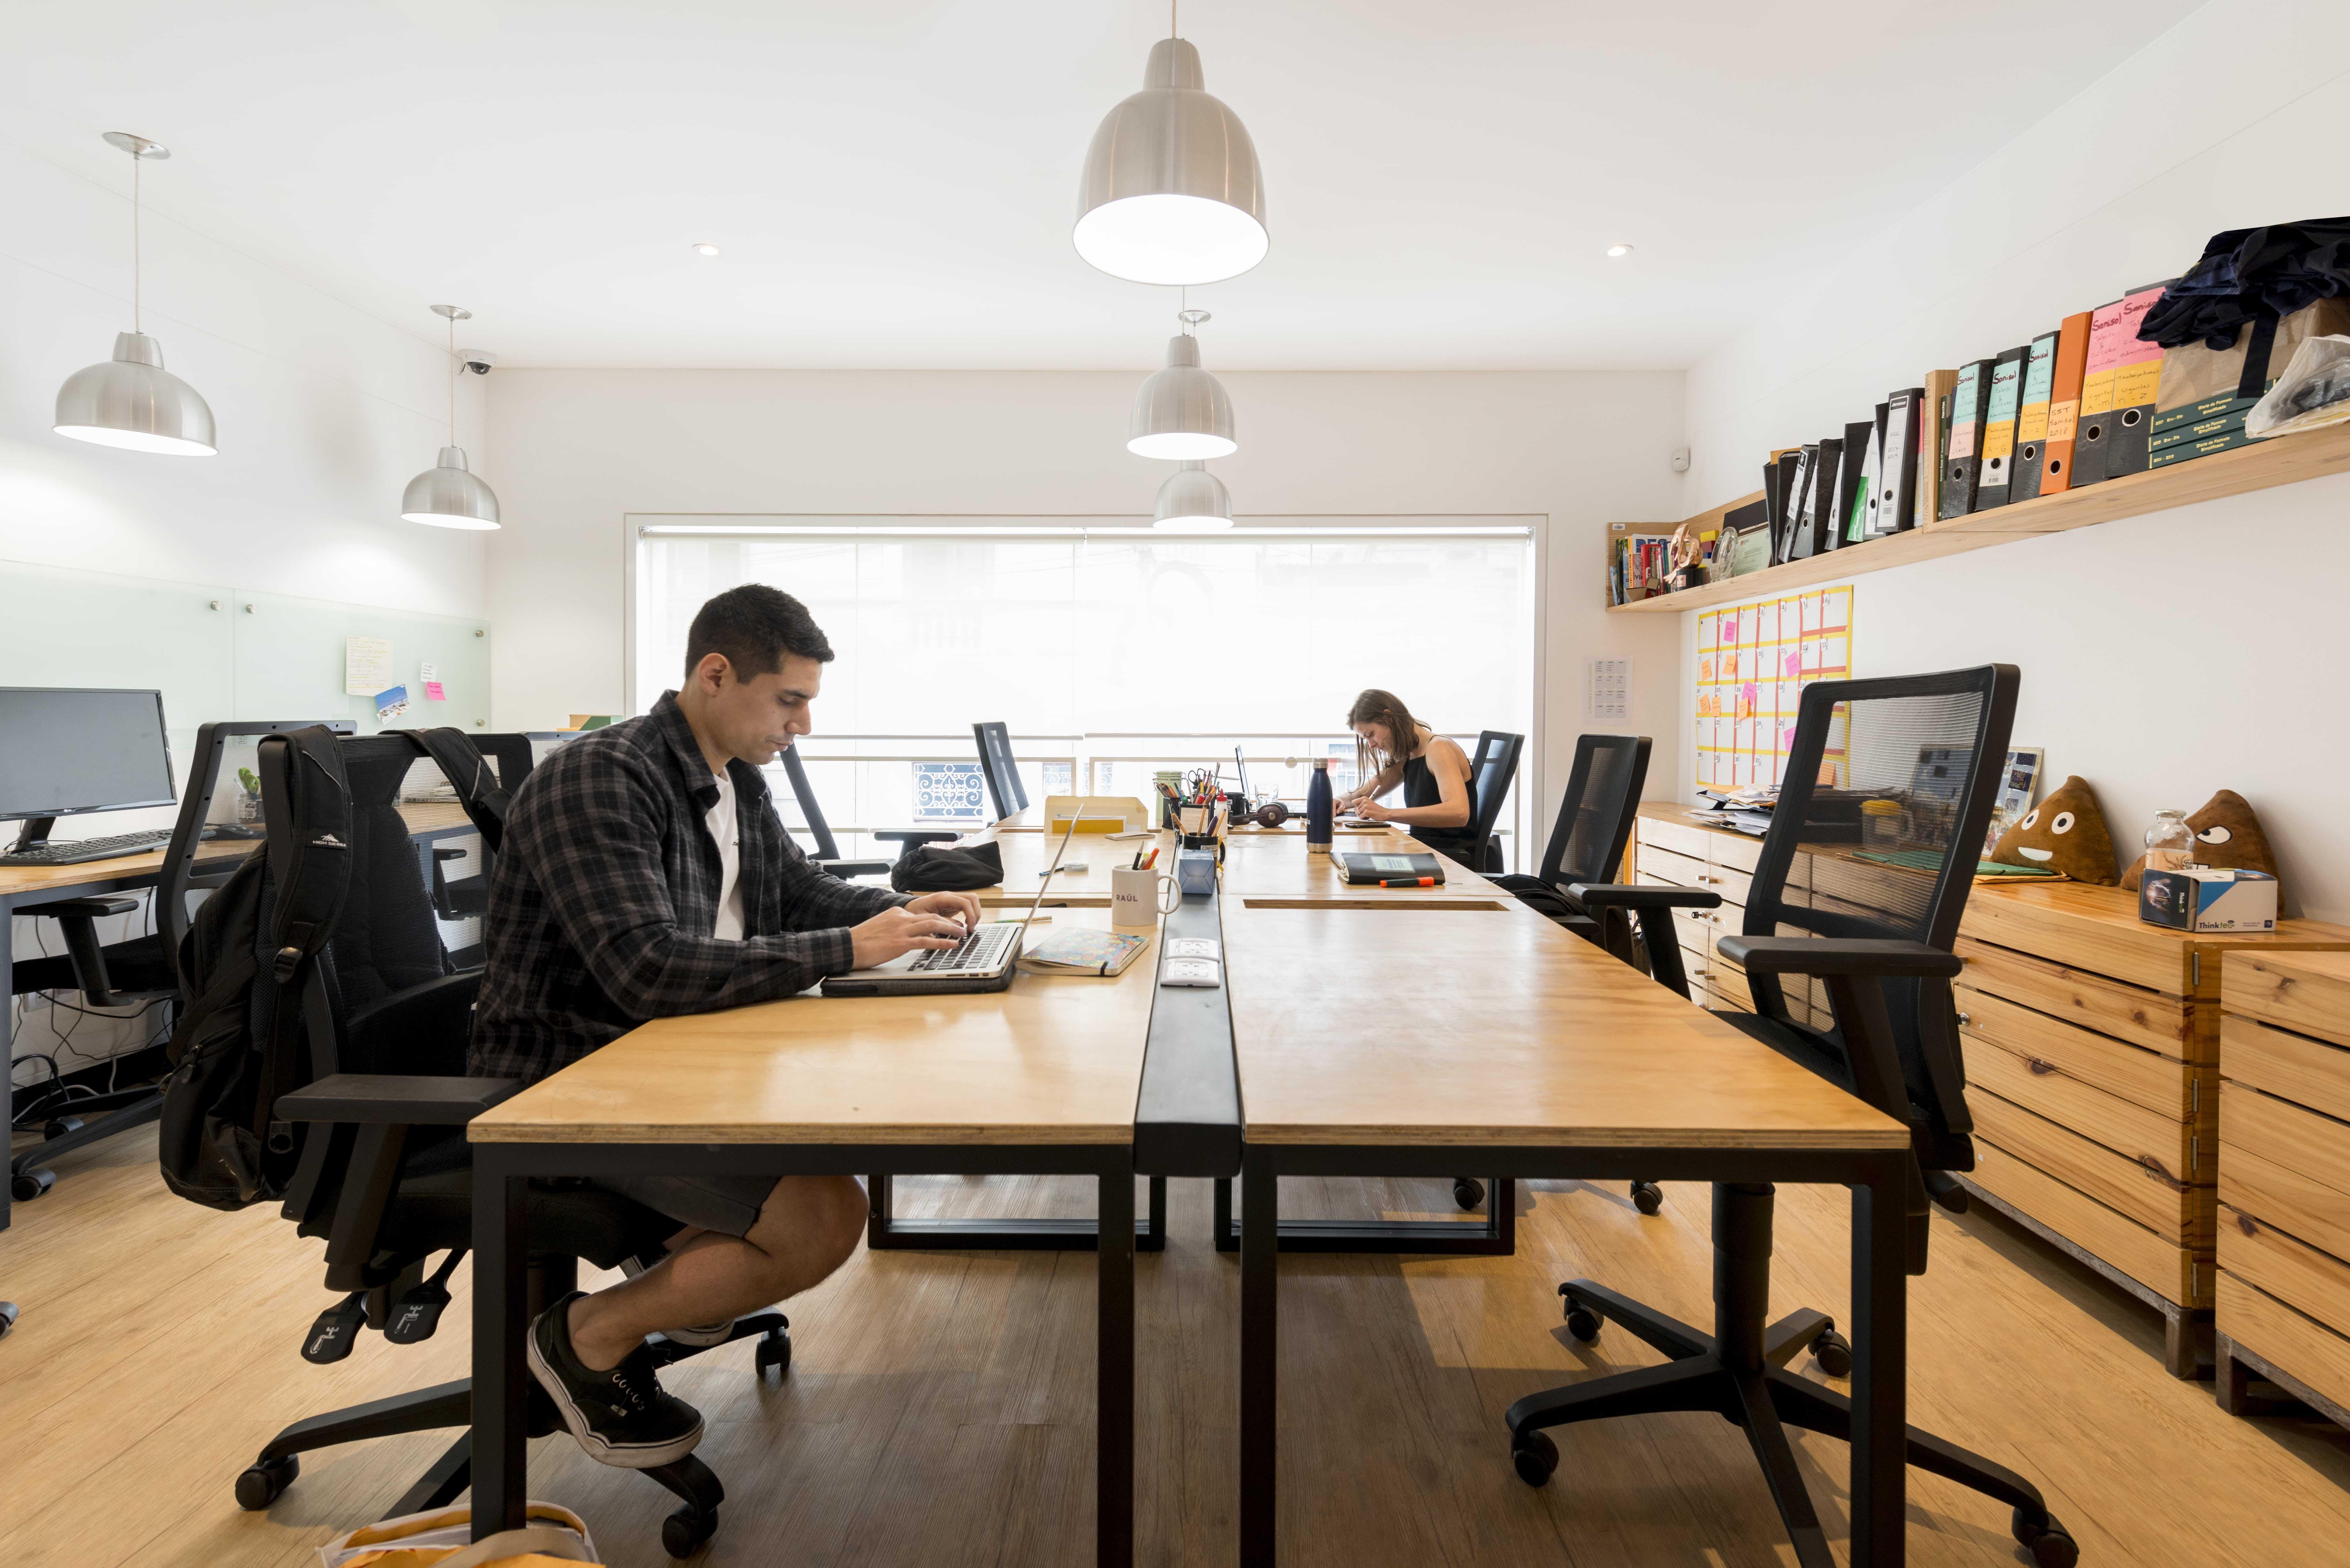 trabajadores en una oficina privada de comunal